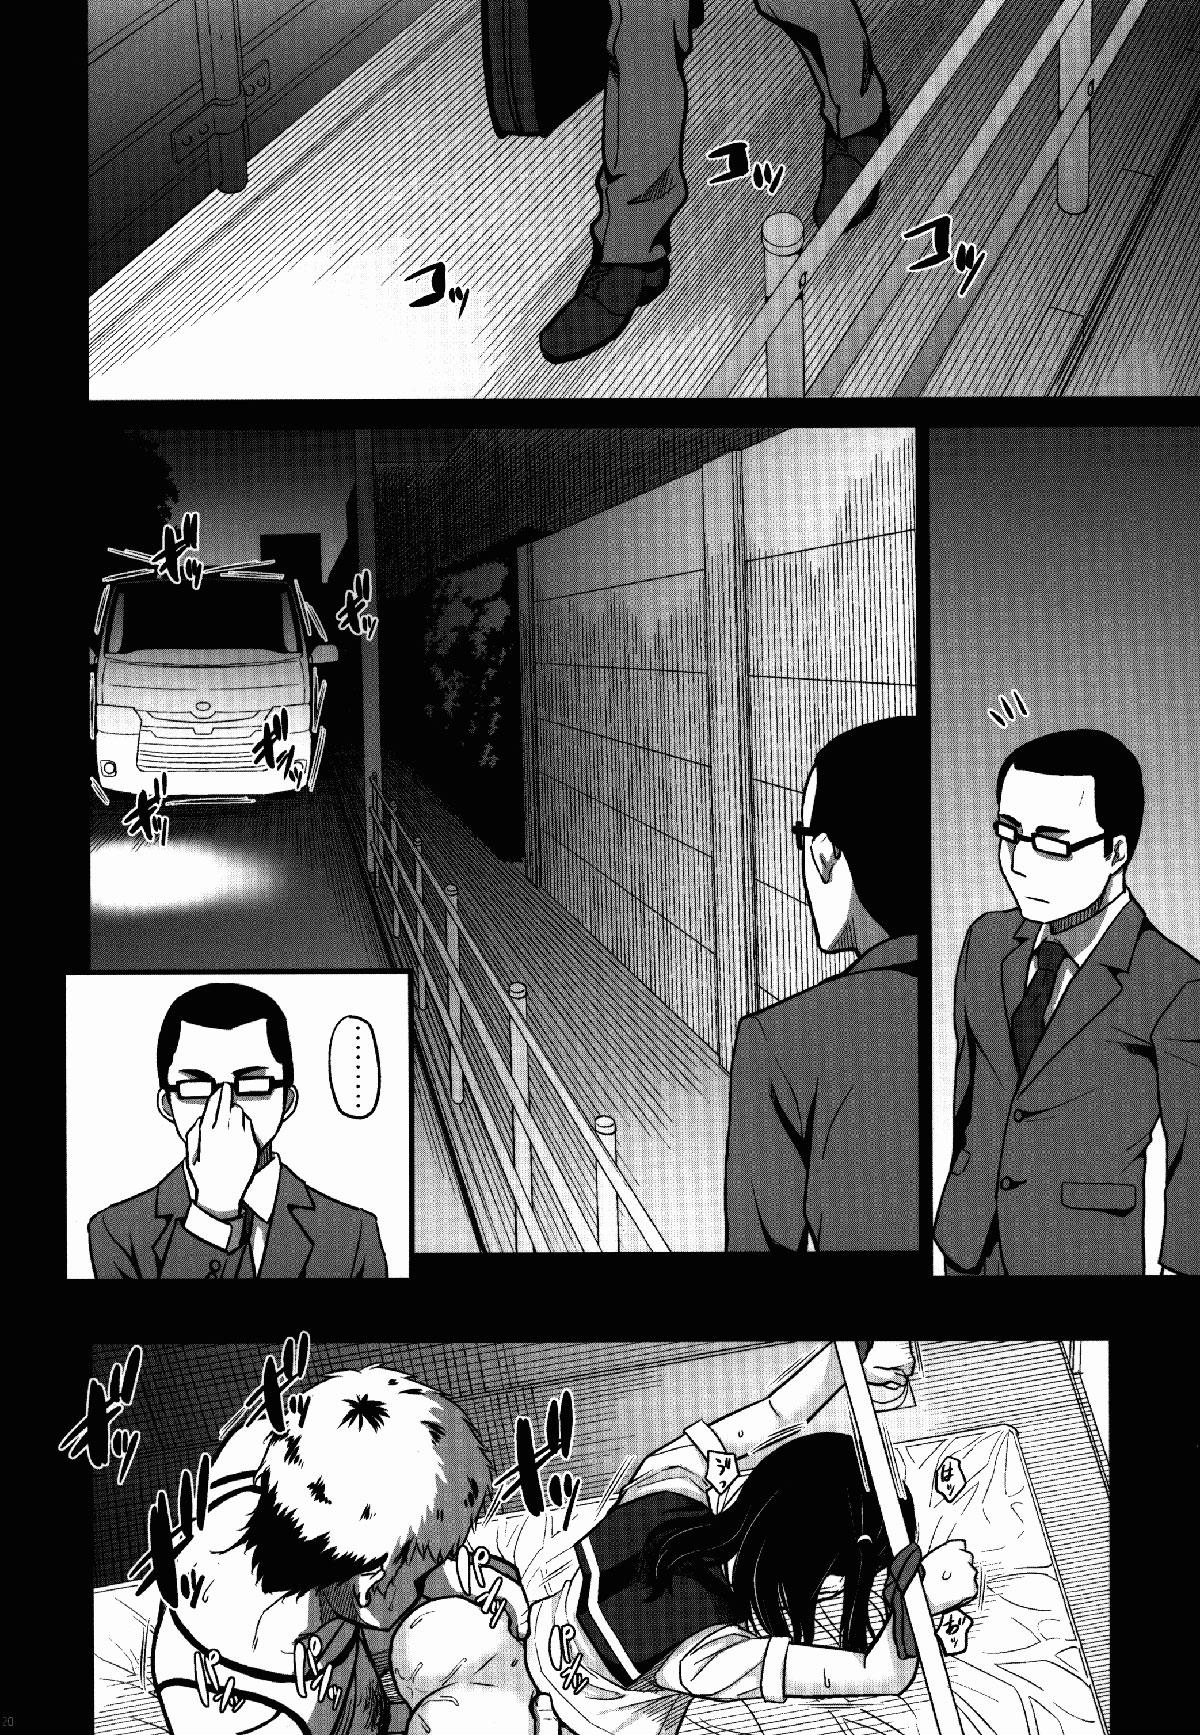 【エロ漫画】黒髪のJSを車内に連れ込んでレイプ!!何度も処女まんこ犯されて中出しされるJS幼女www【無料 エロ同人誌】 (21)